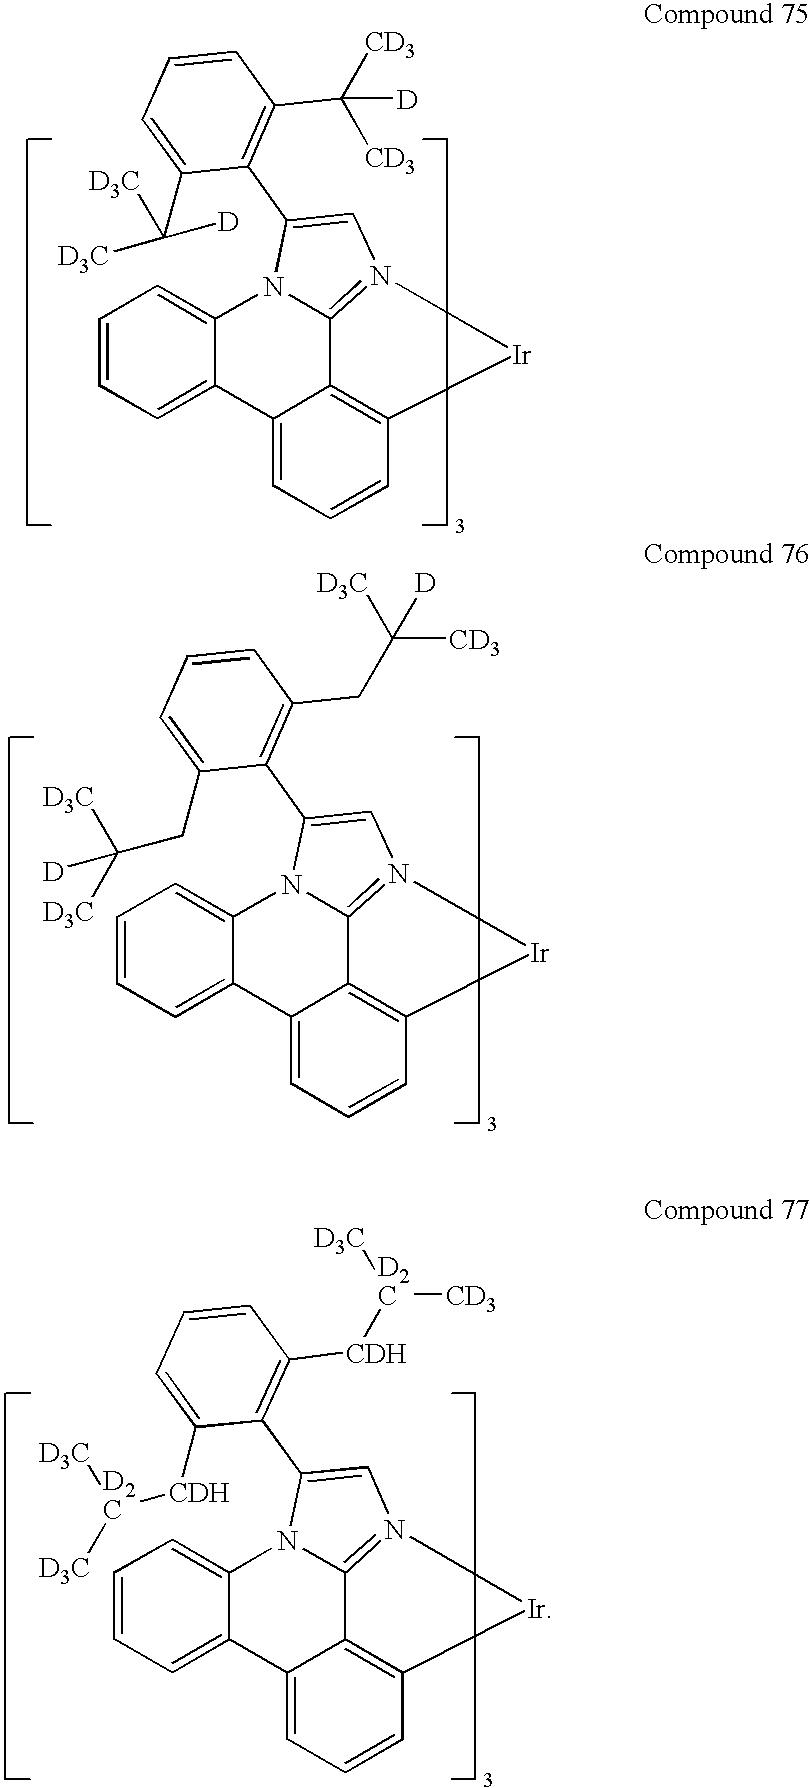 Figure US20100270916A1-20101028-C00185